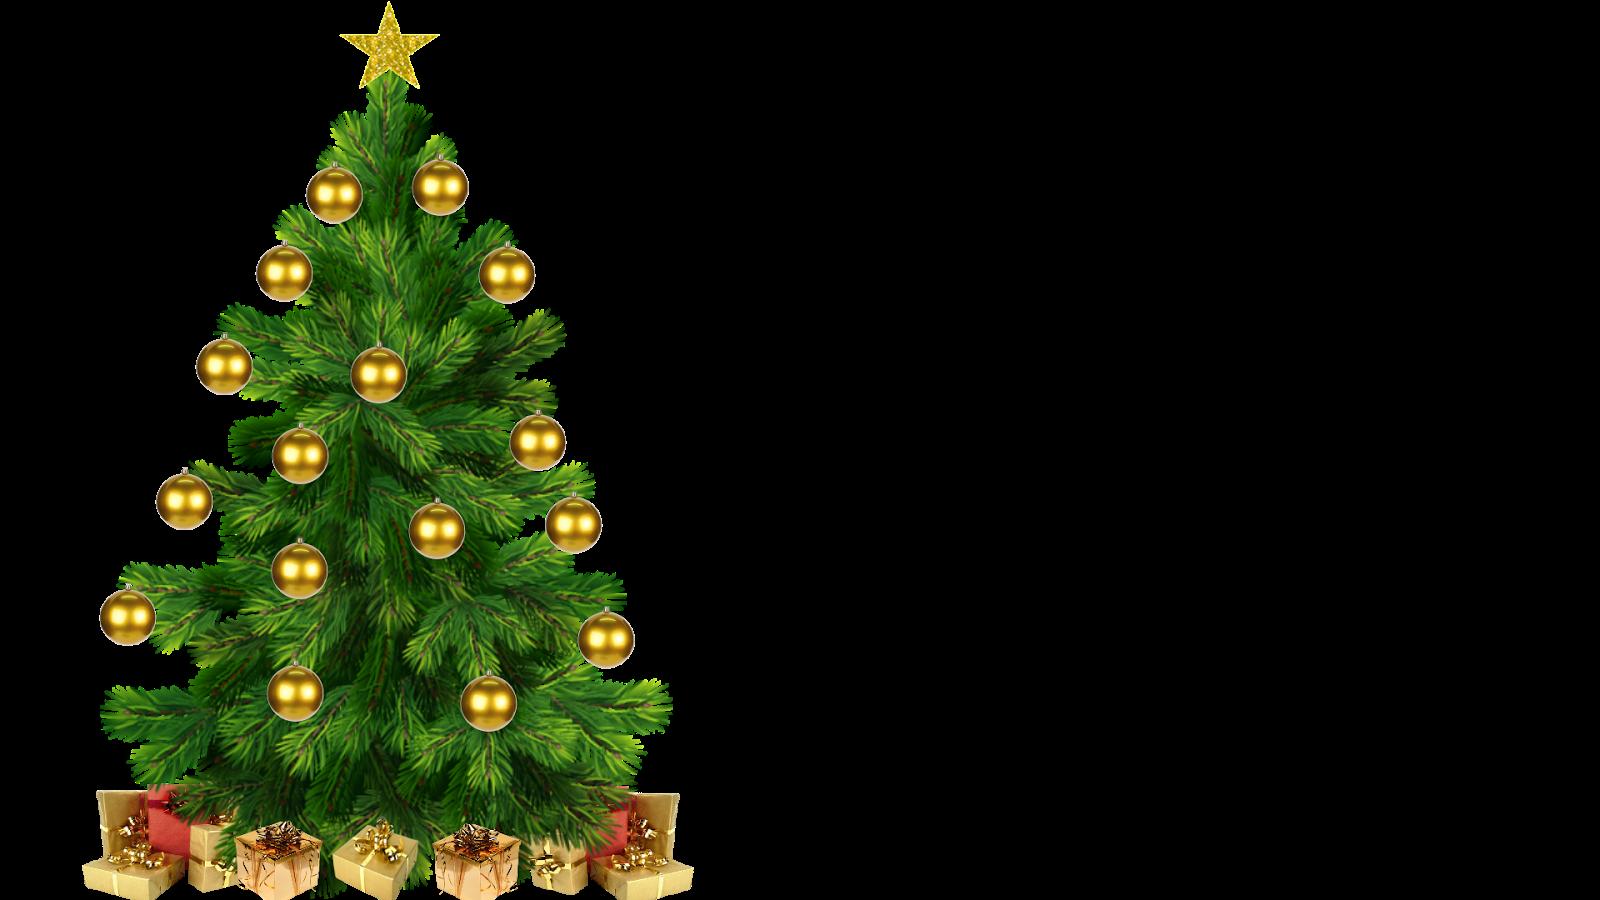 Jota V Multimedia Crie A Sua Mensagem De Natal